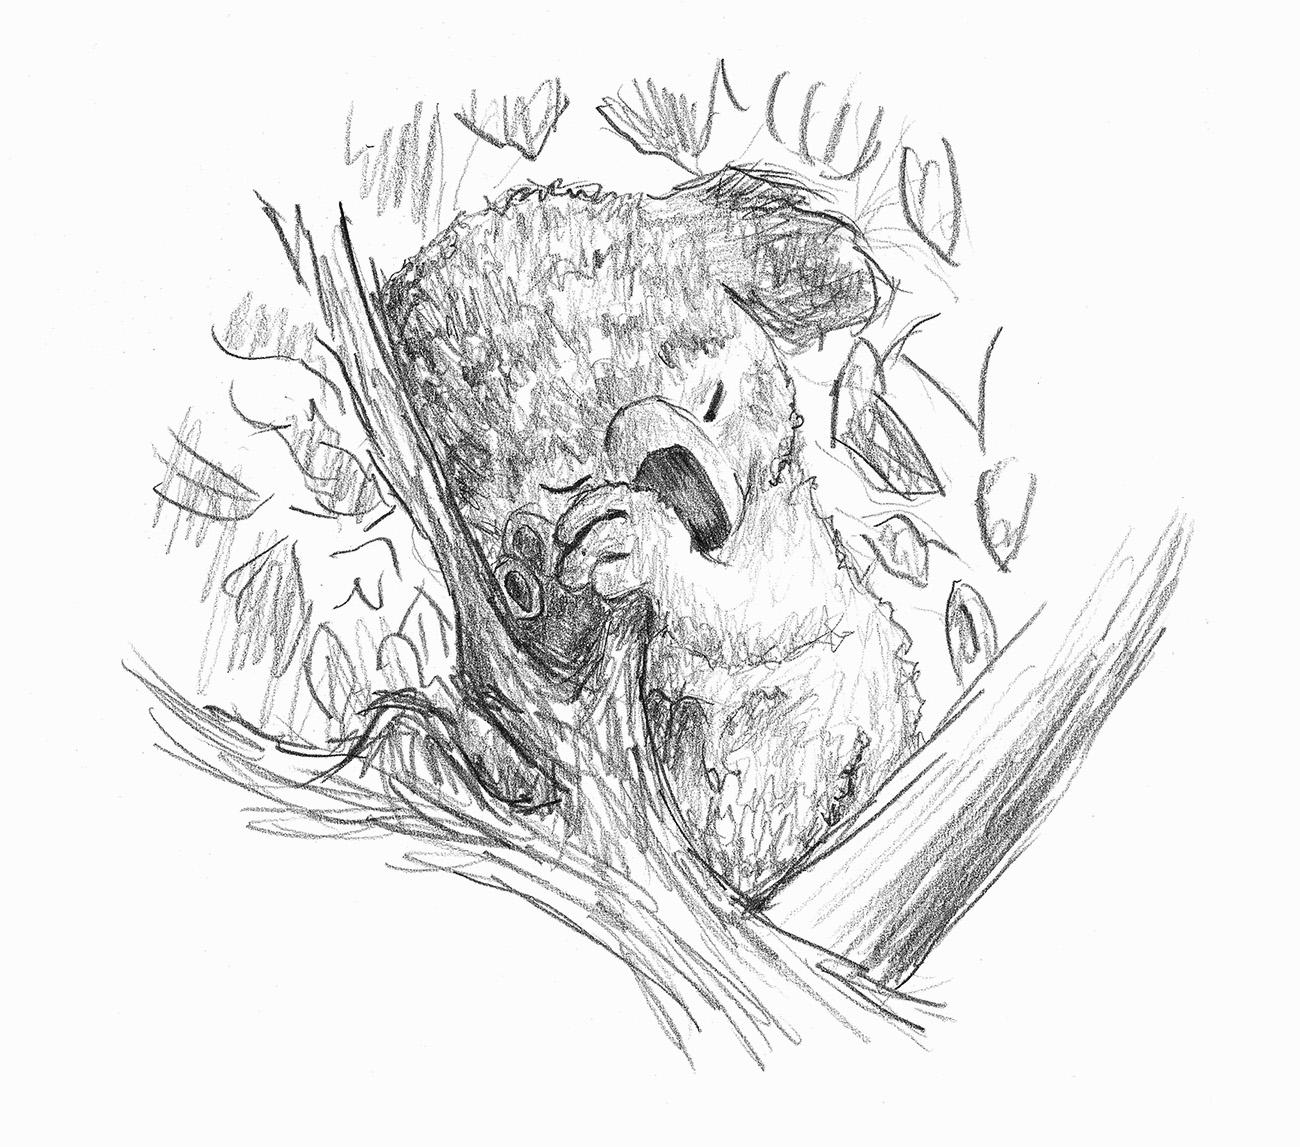 Skizze eines schlafenden Koalas im Baum